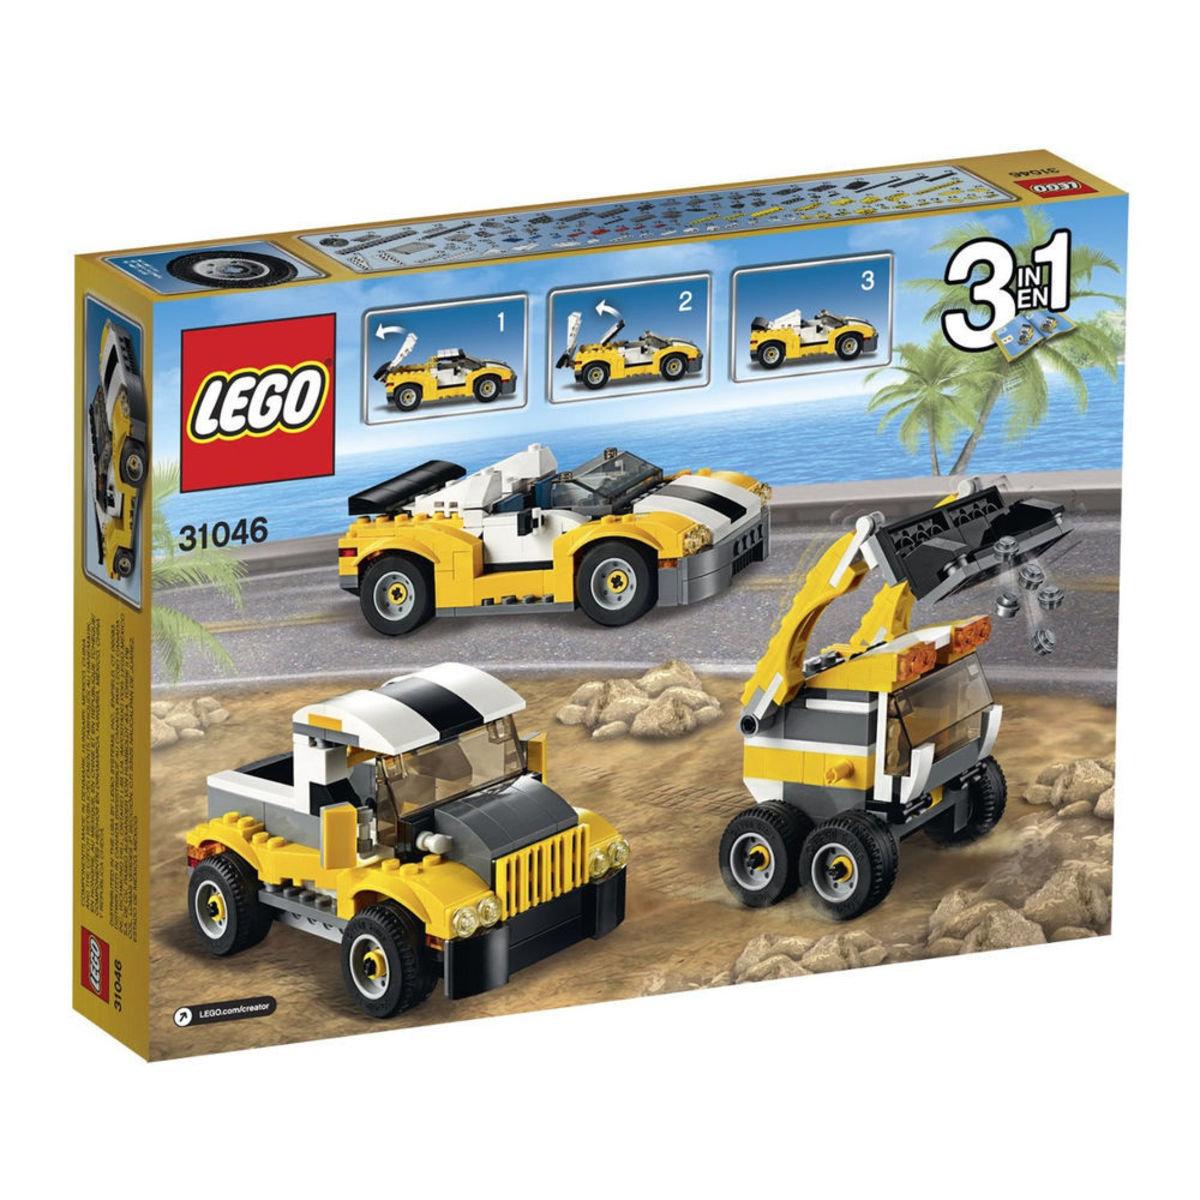 31046 Creator 高速汽車